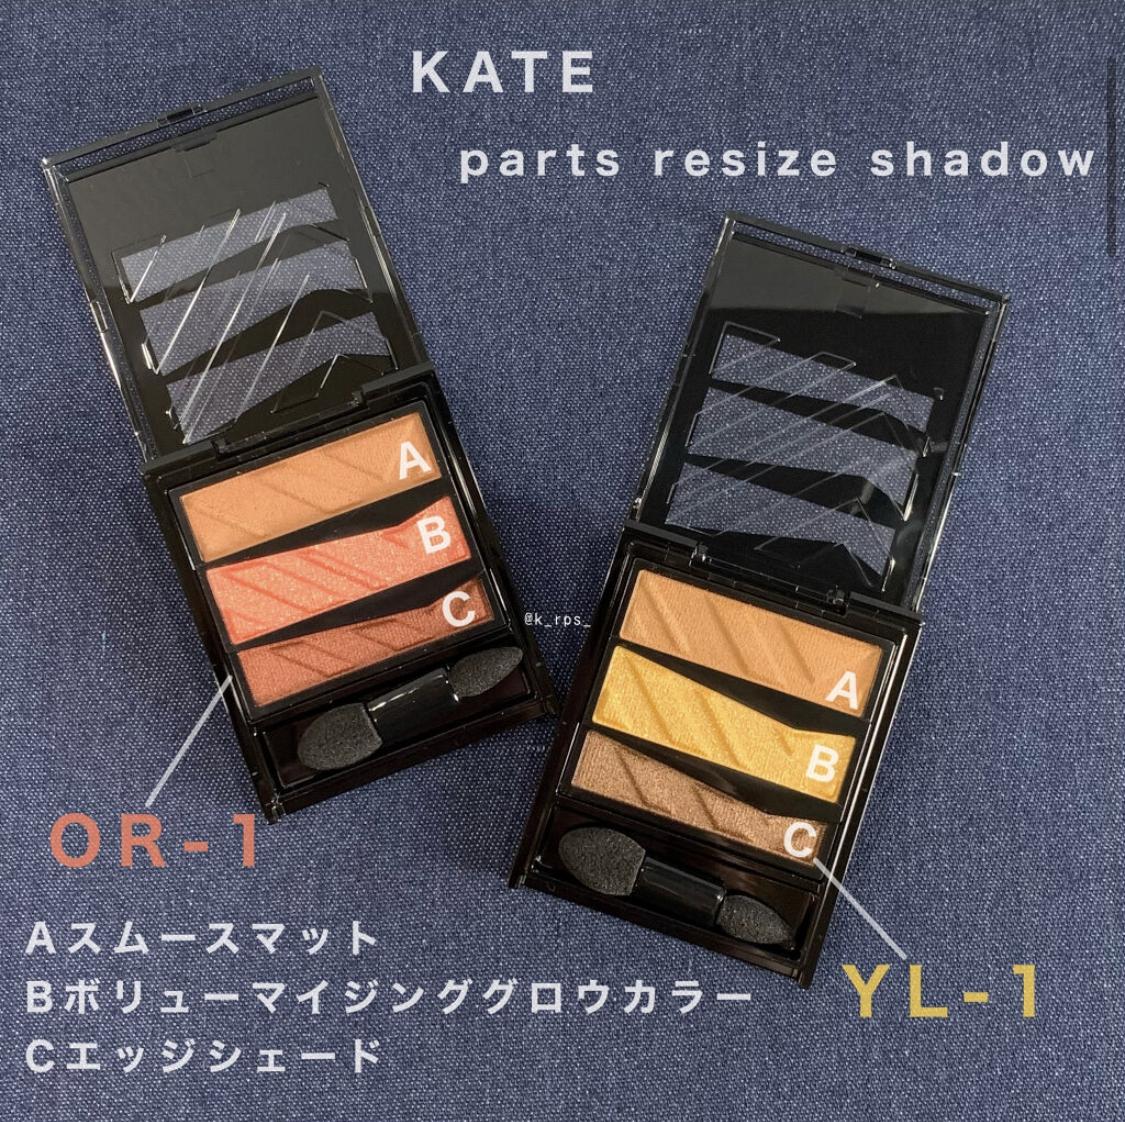 KATE(ケイト) パーツリサイズシャドウを使ったKeiさんのクチコミ画像2